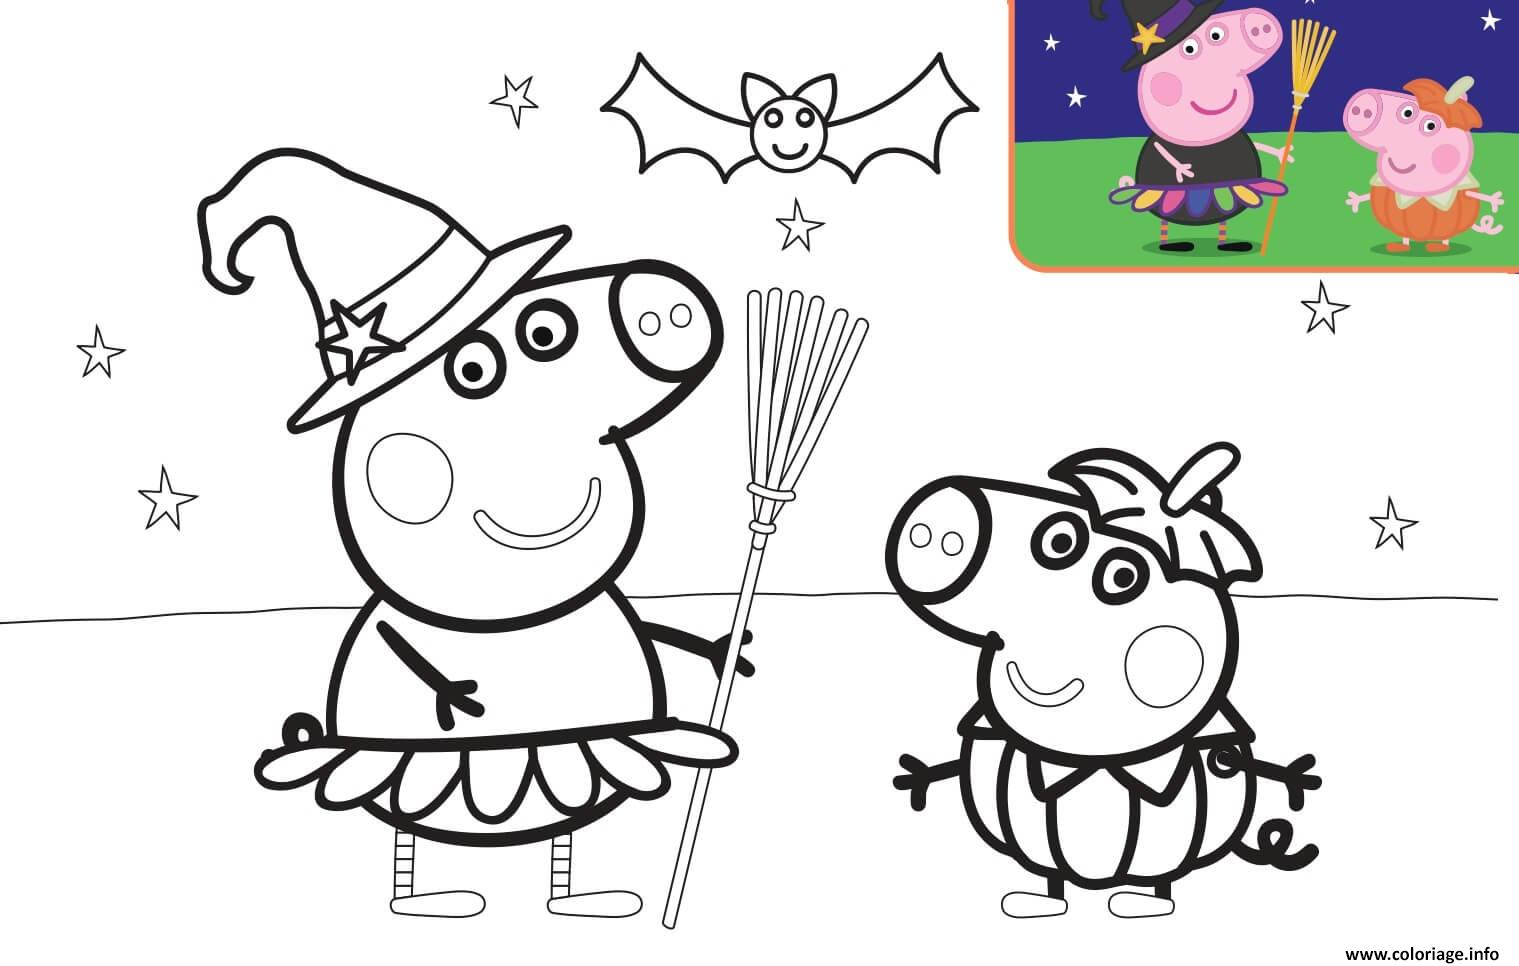 Coloriage Halloween George Pig Et Son Fils Dessin Peppa Pig A Imprimer